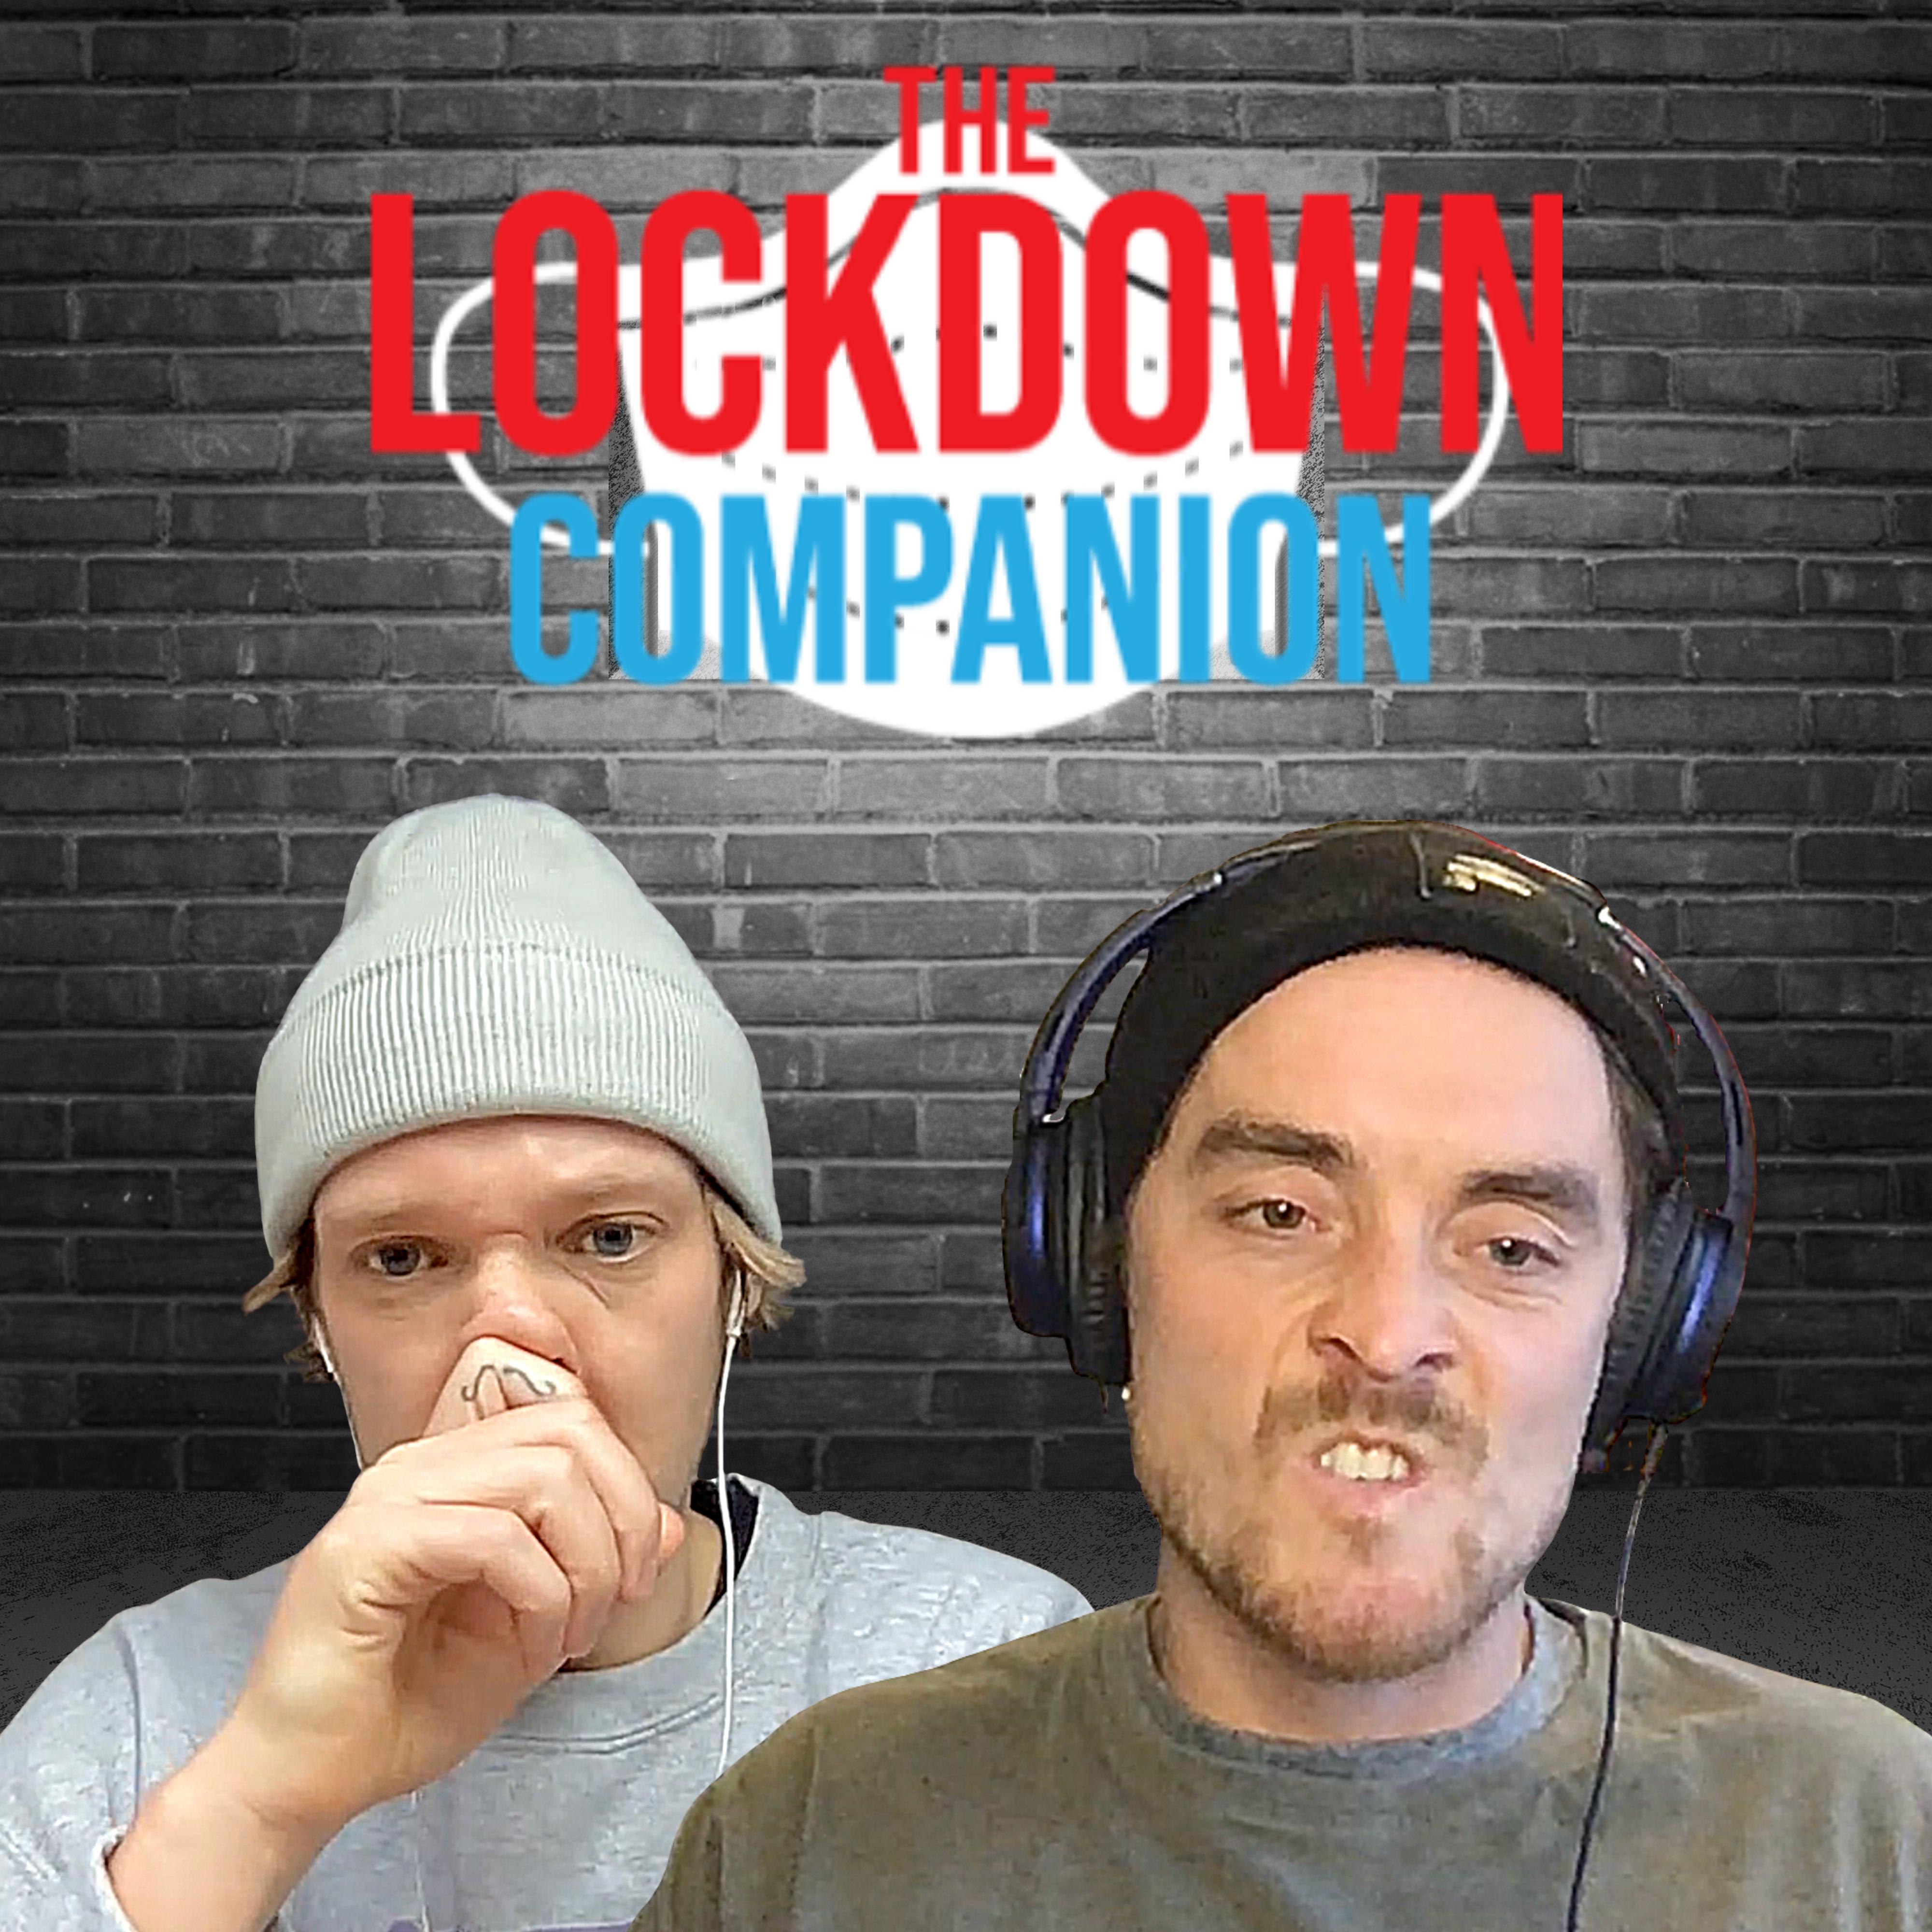 The Lockdown Companion Vol18